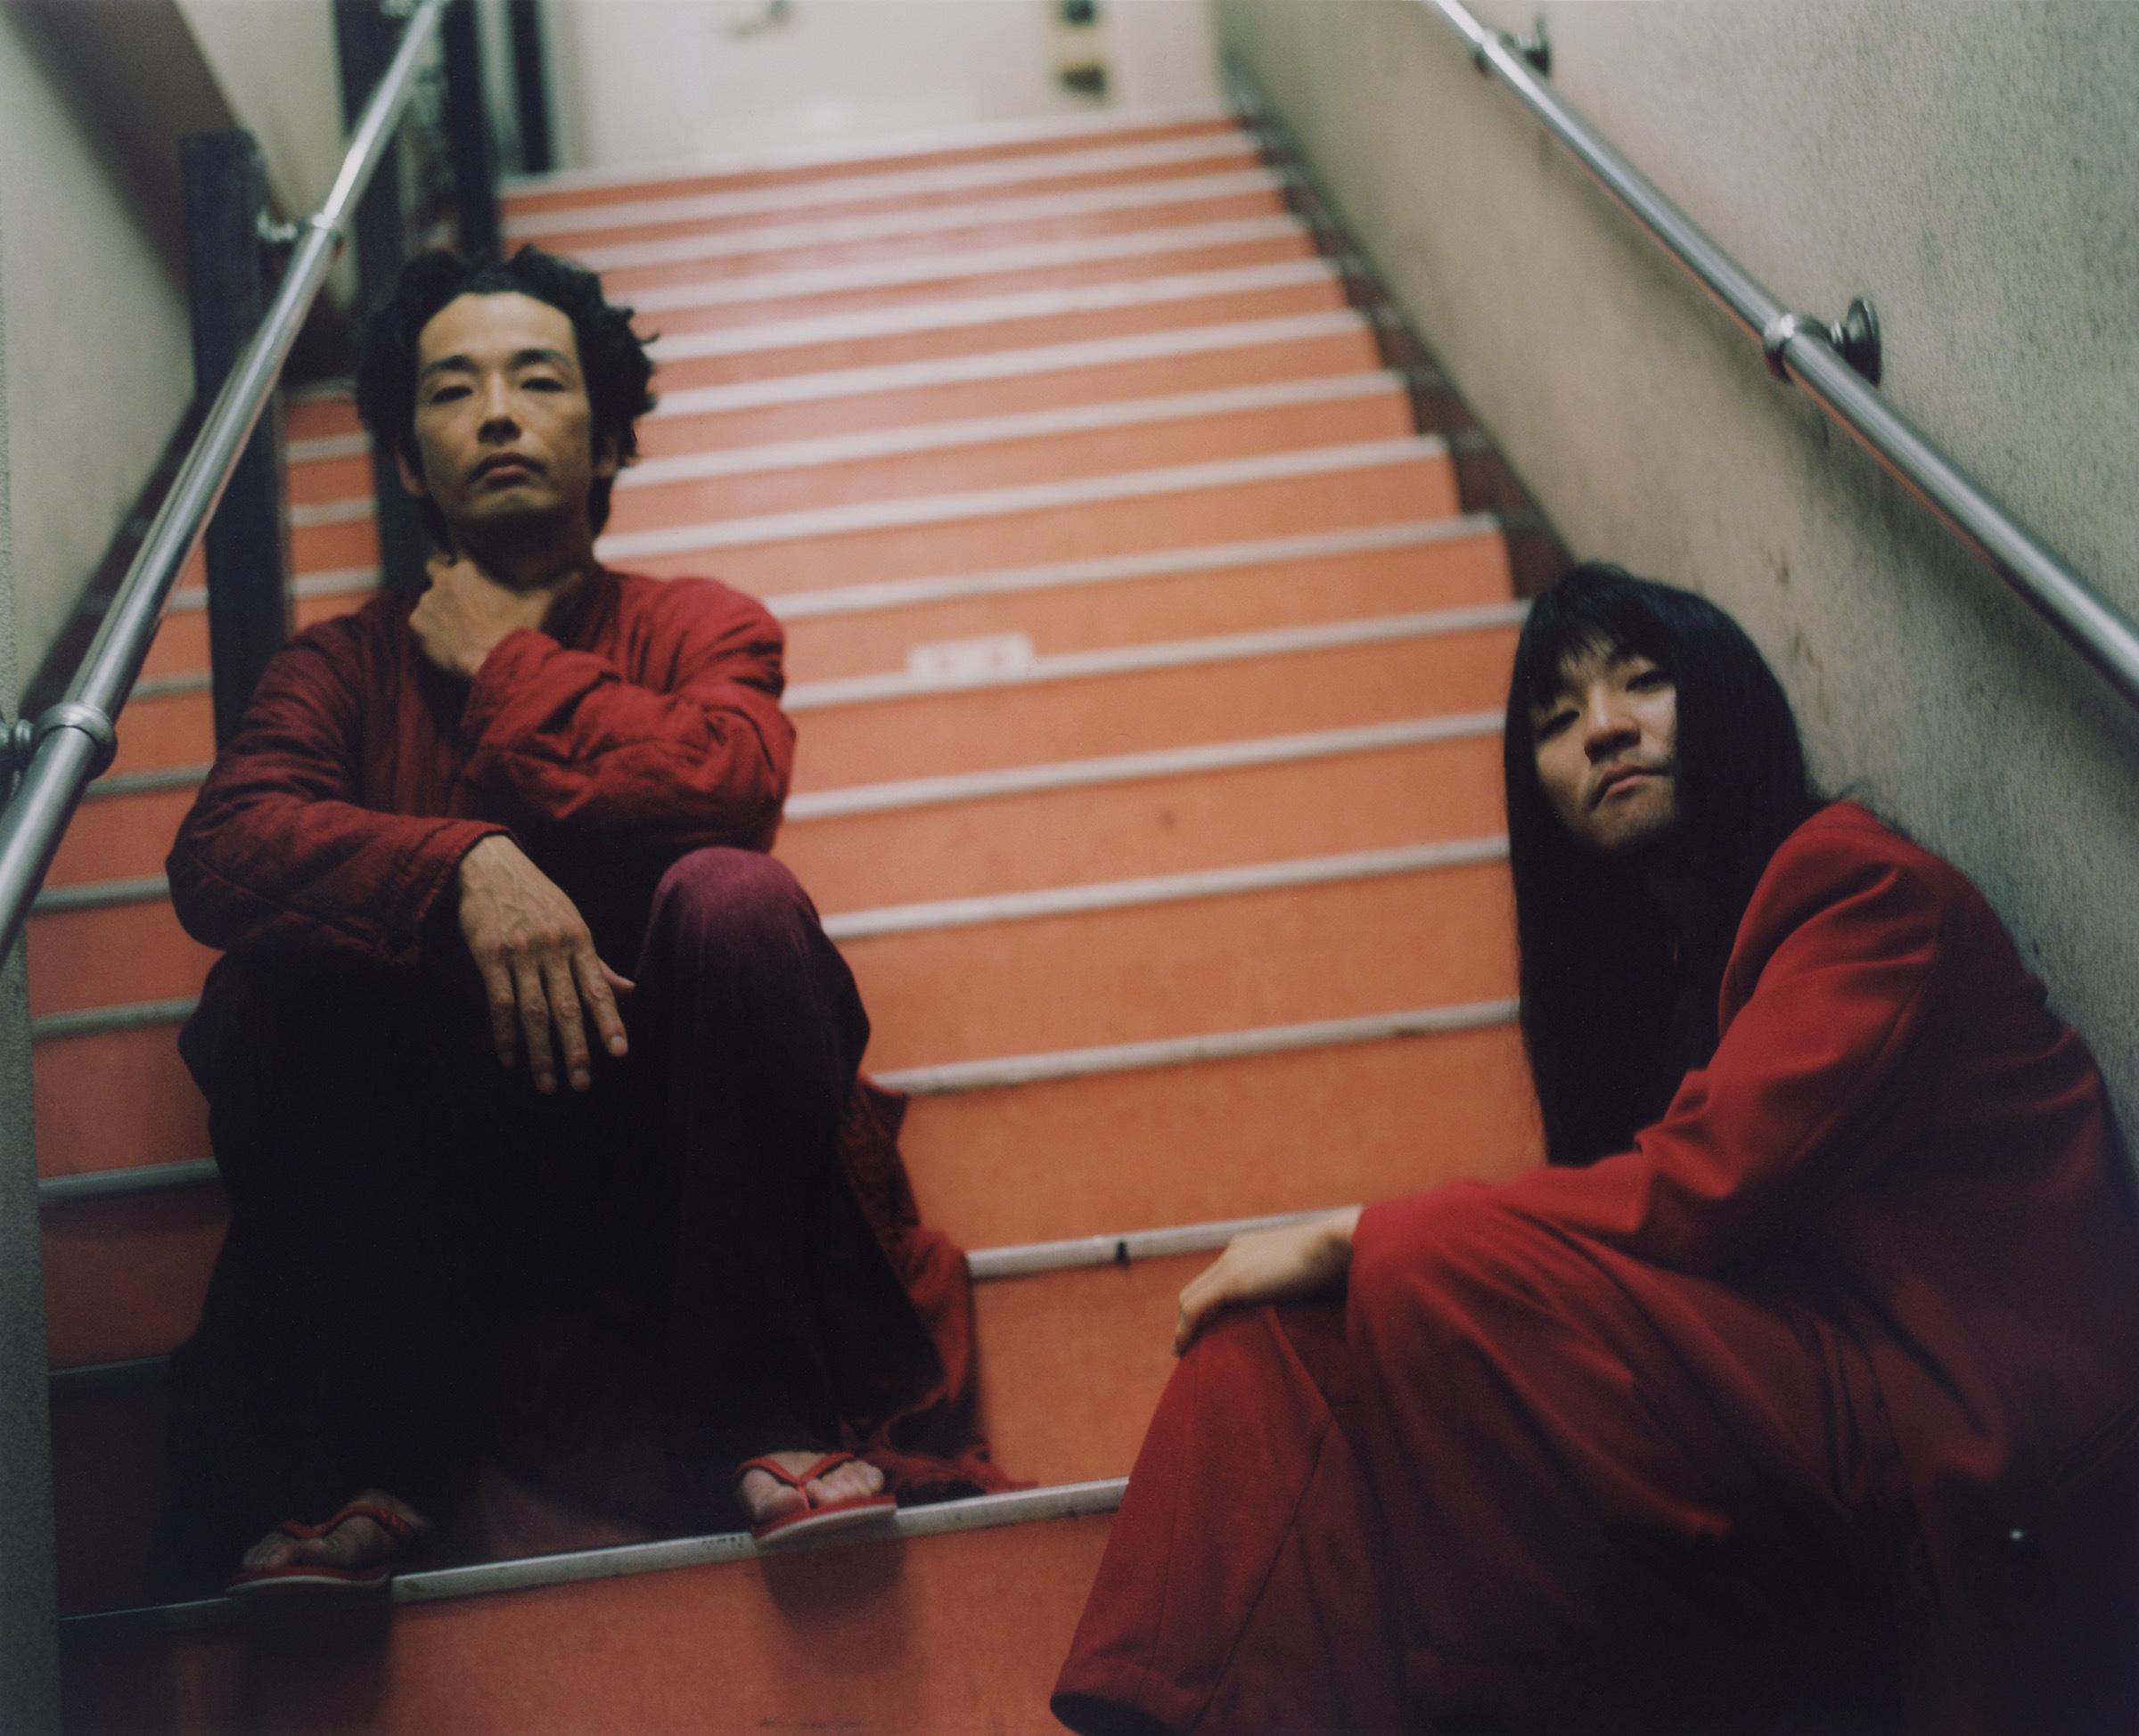 森山未來×マヒトゥ・ザ・ピーポー  (C) 2022「i ai」Film partners / photo by 佐内正史